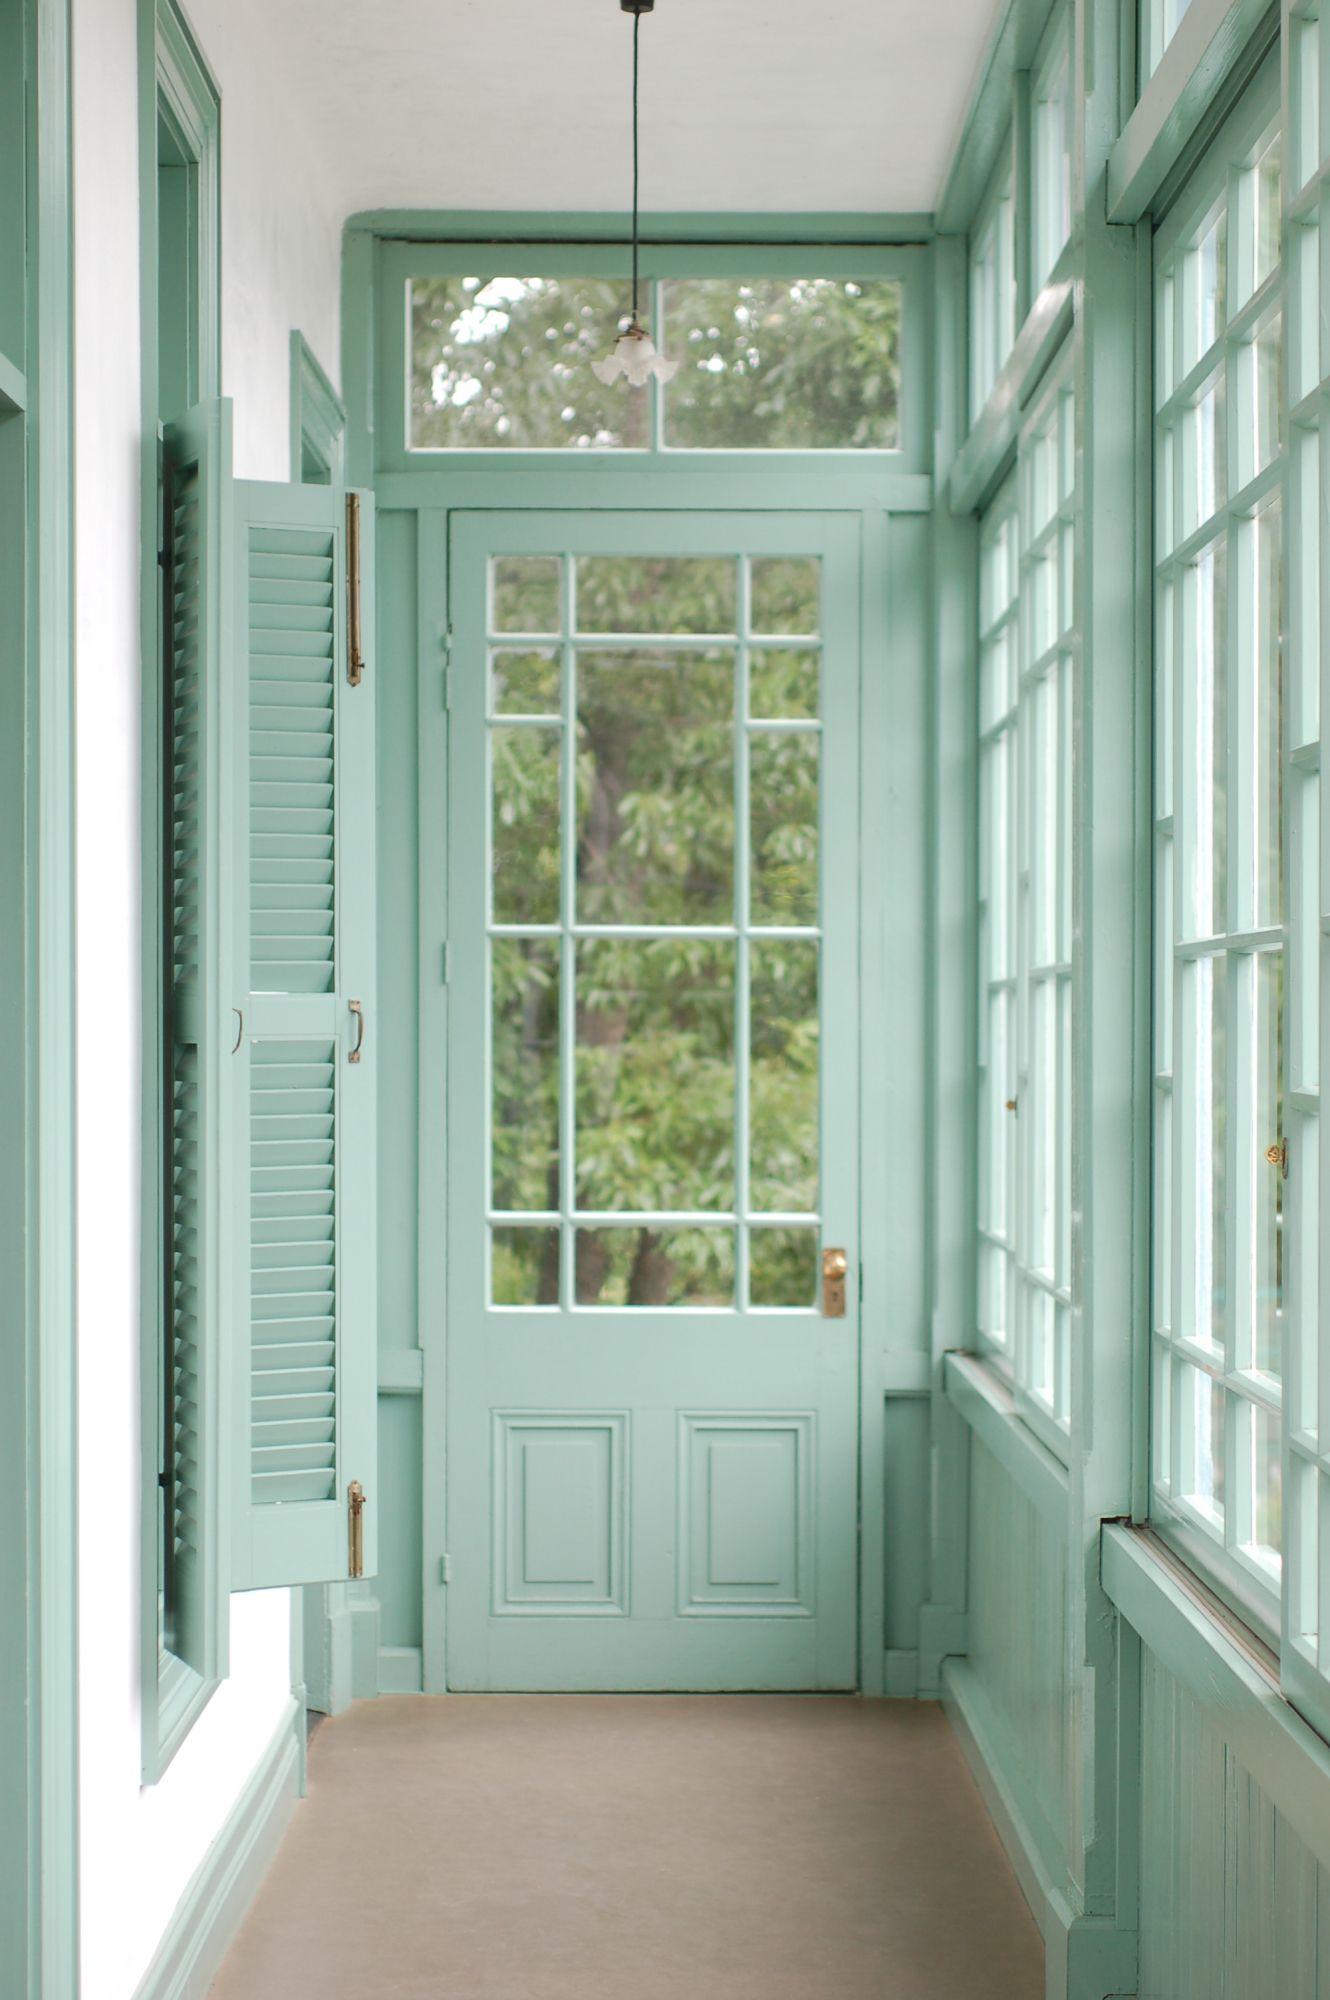 Ide Warna Cat Jendela Yang Bagus Untuk Dekorasi Rumah Elegan